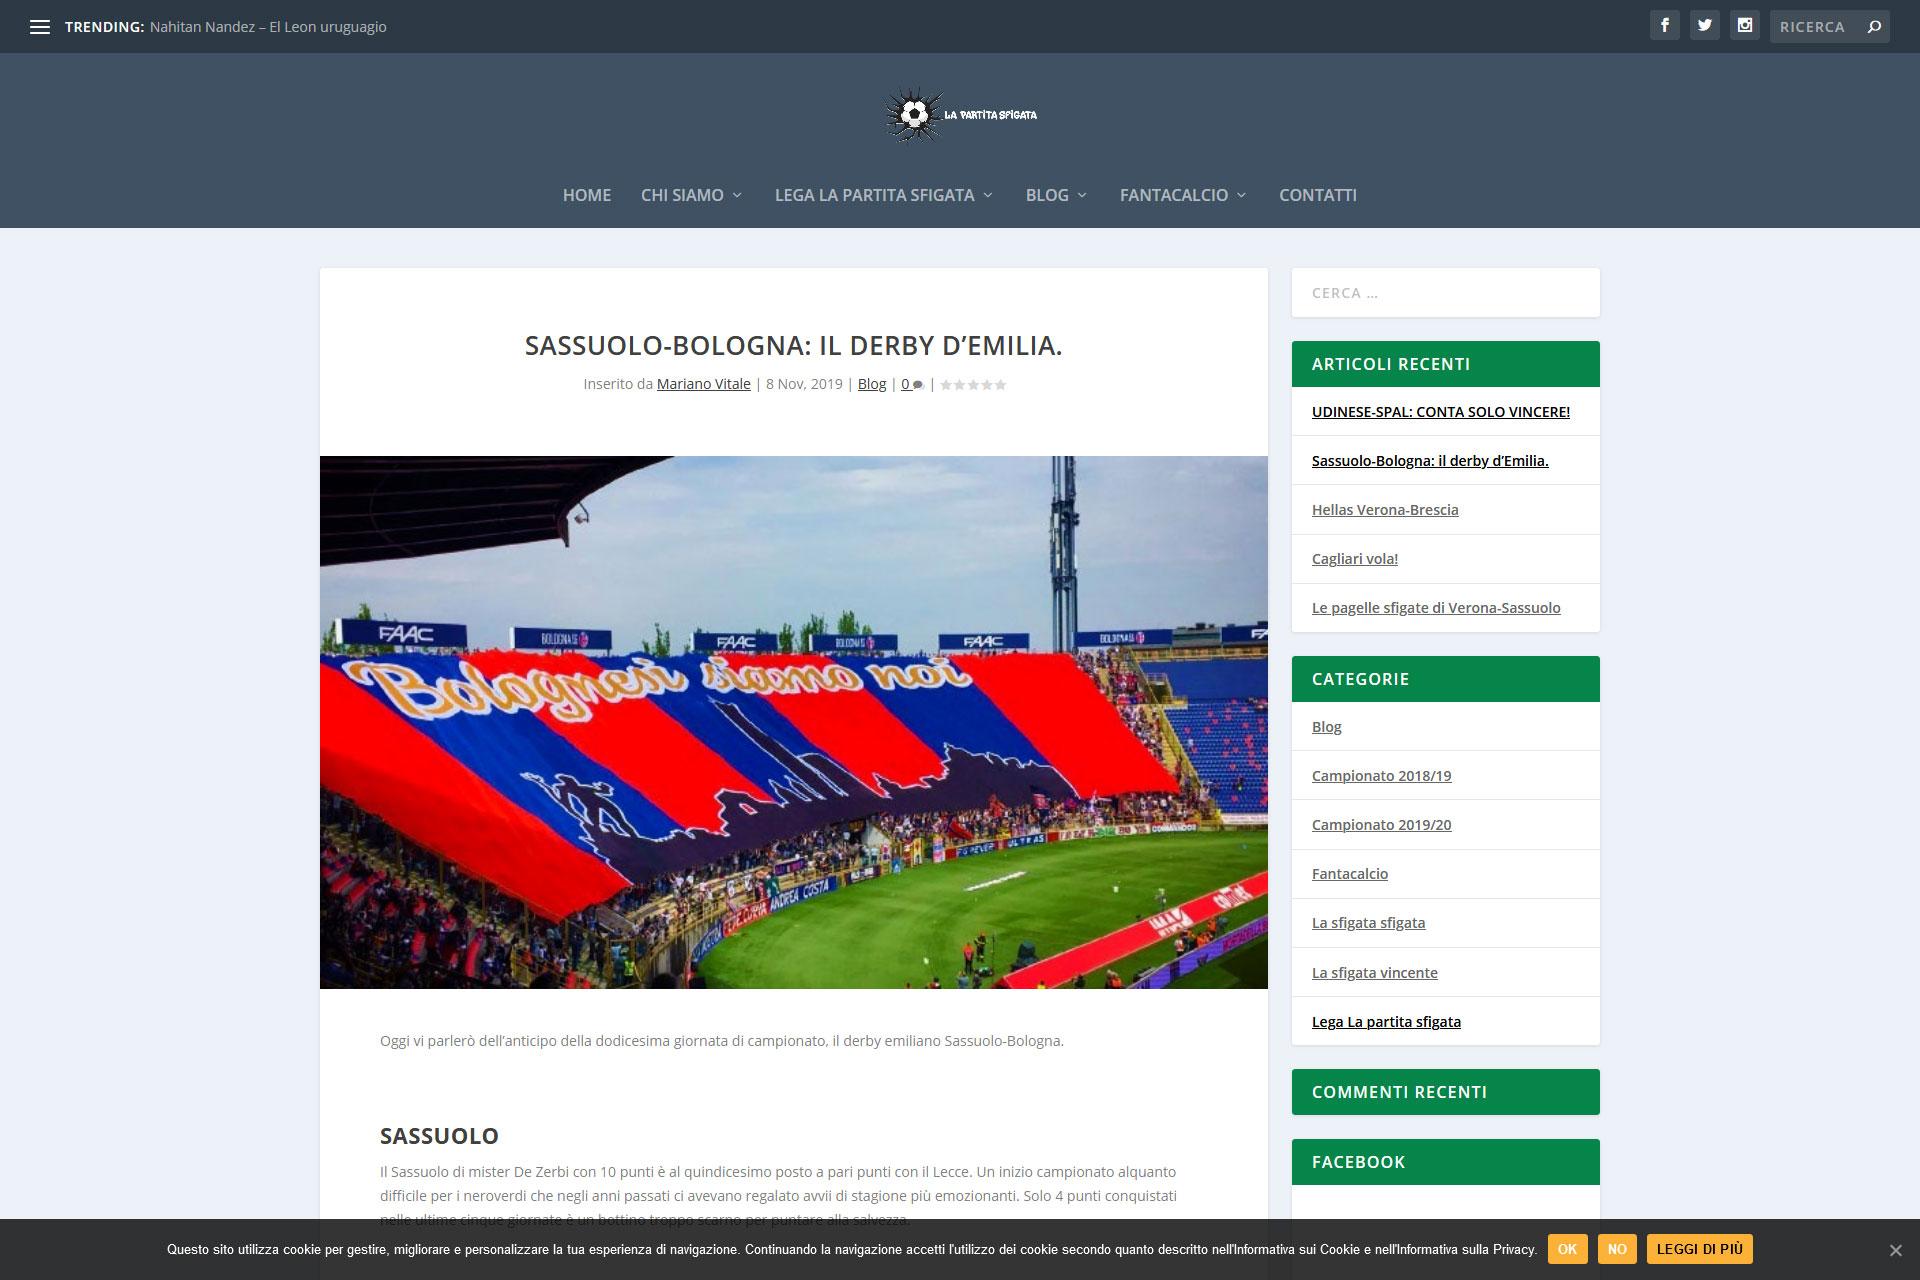 lv-design-realizzazione-siti-web-bologna-portfolio-la-partita-sfigata-slide-2